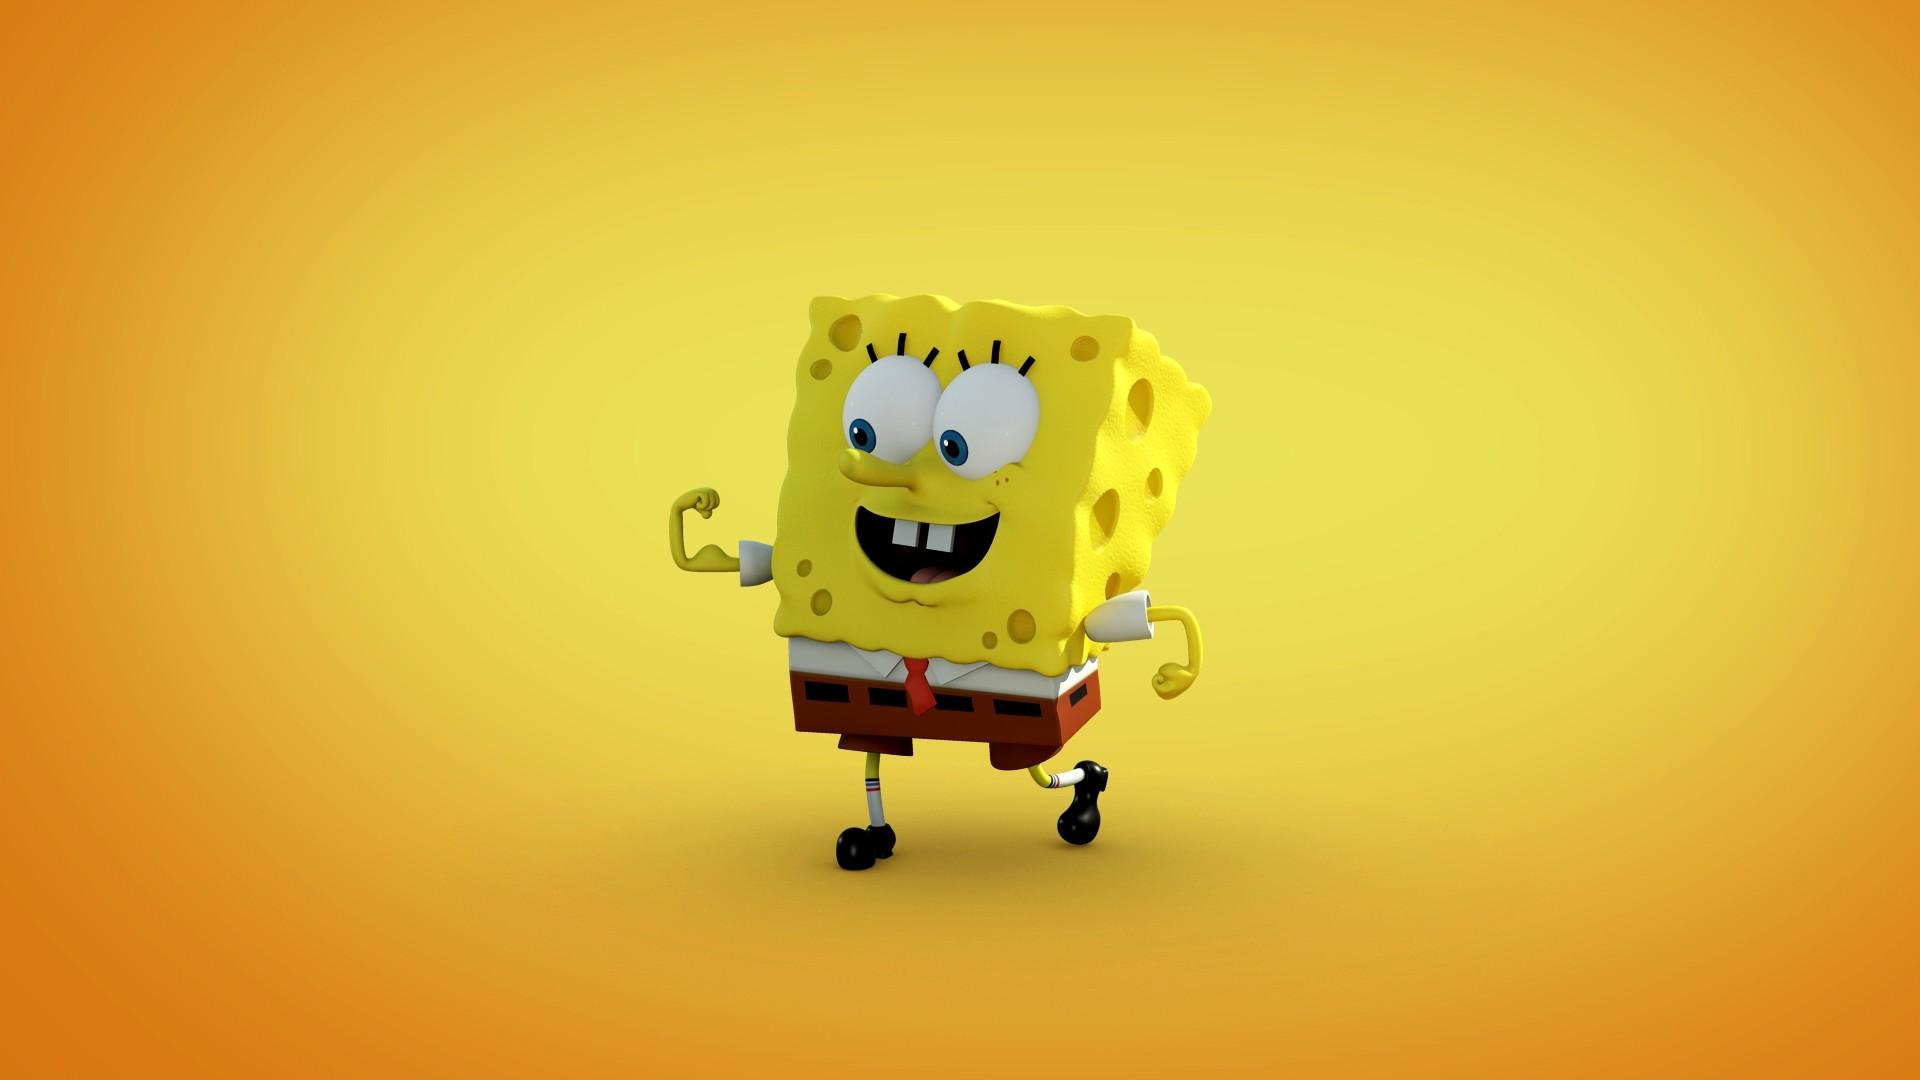 3D Spongebob Wallpaper 6640 – uMad.com